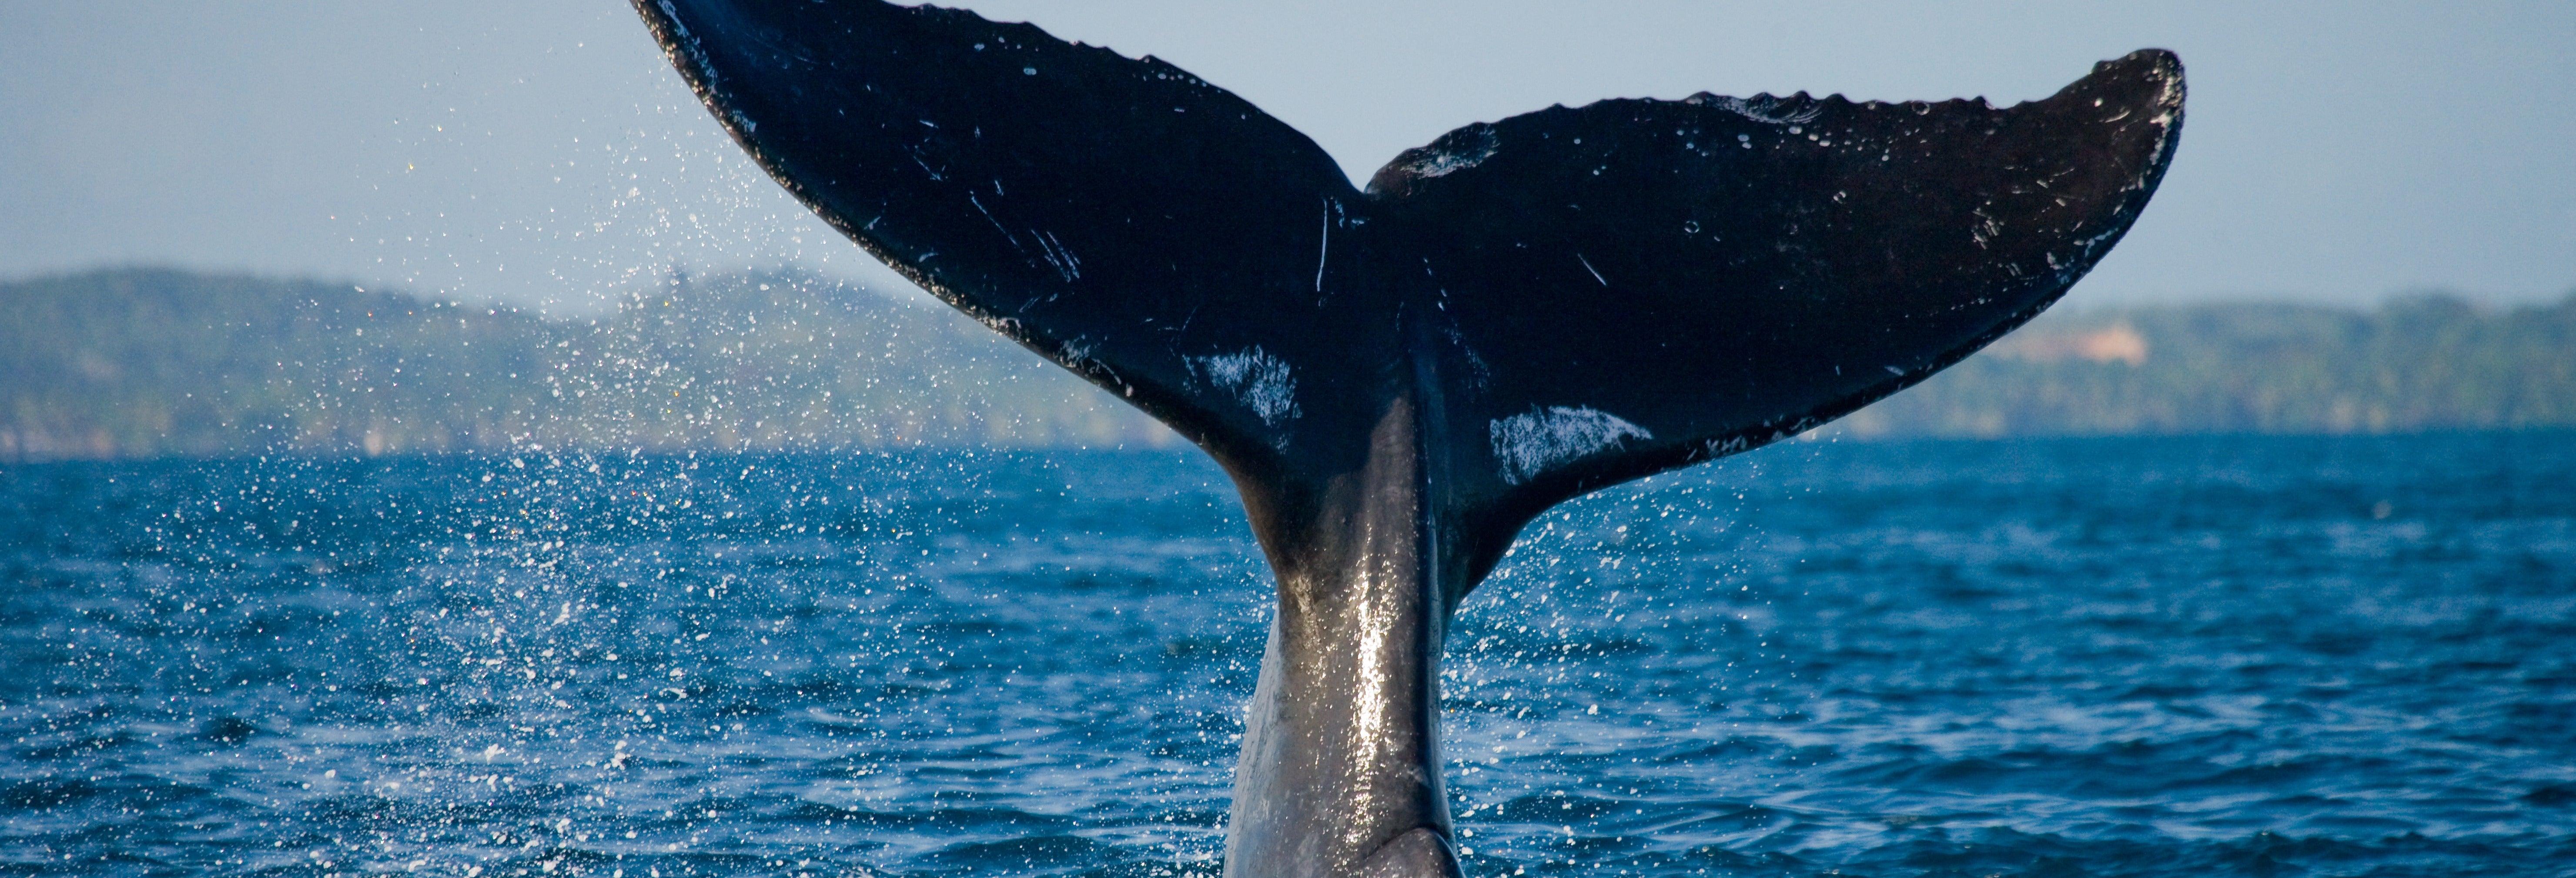 Avistamento de baleias em Samaná